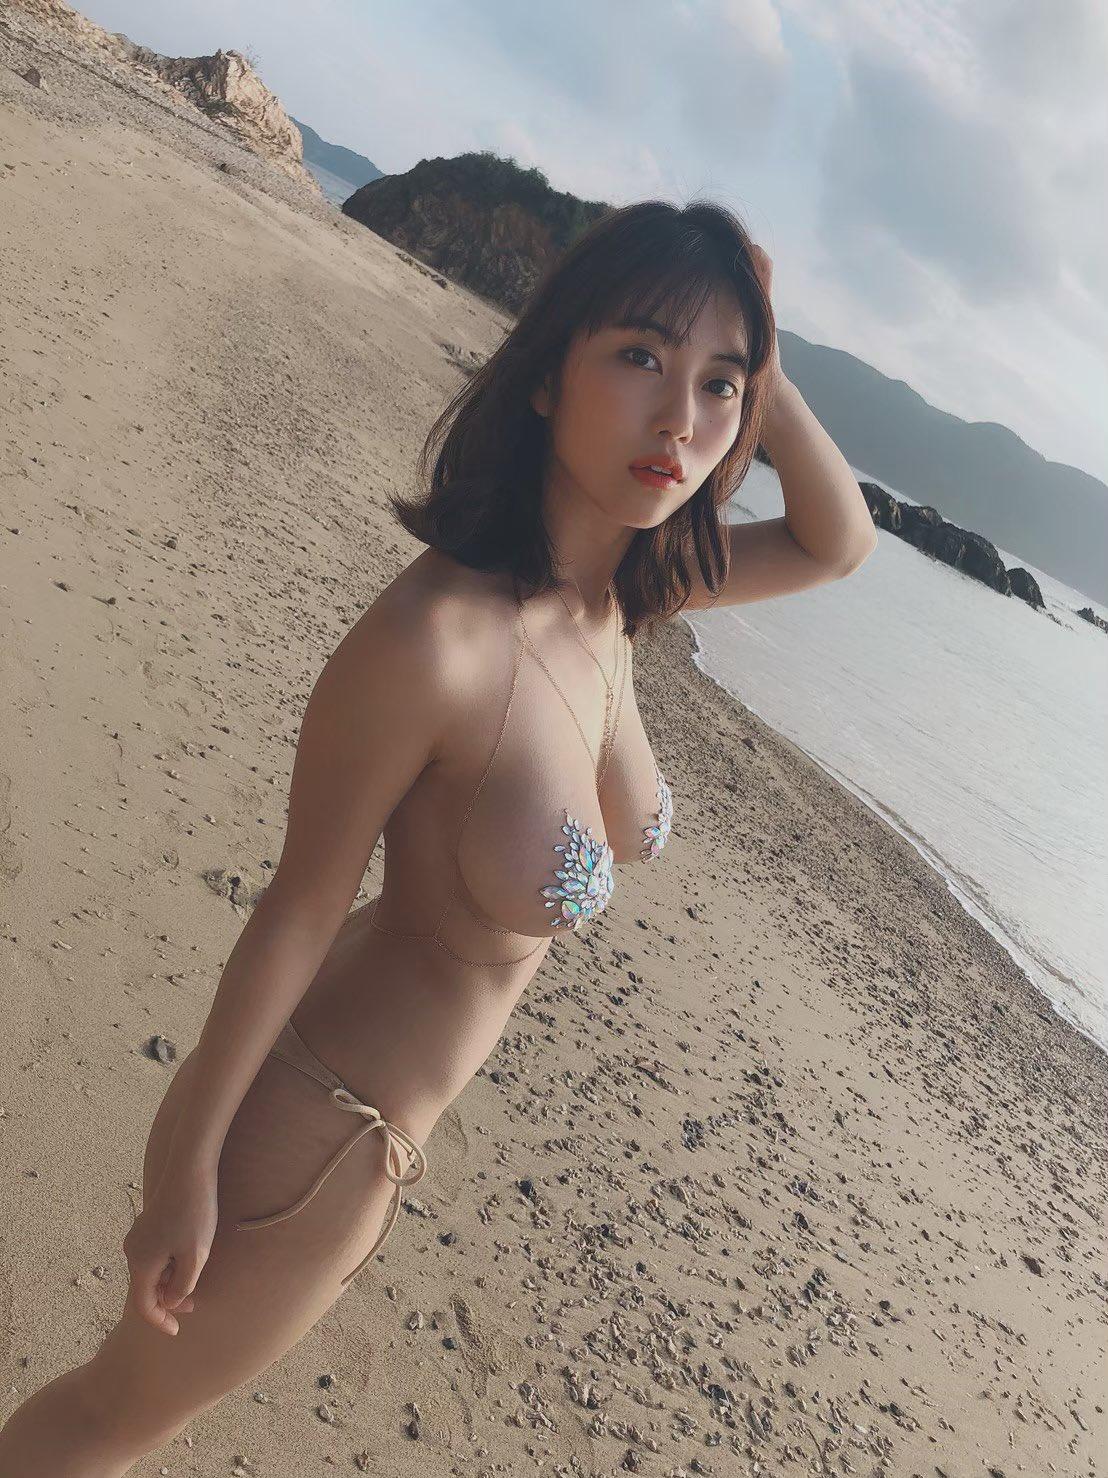 巨乳グラビアアイドル 4